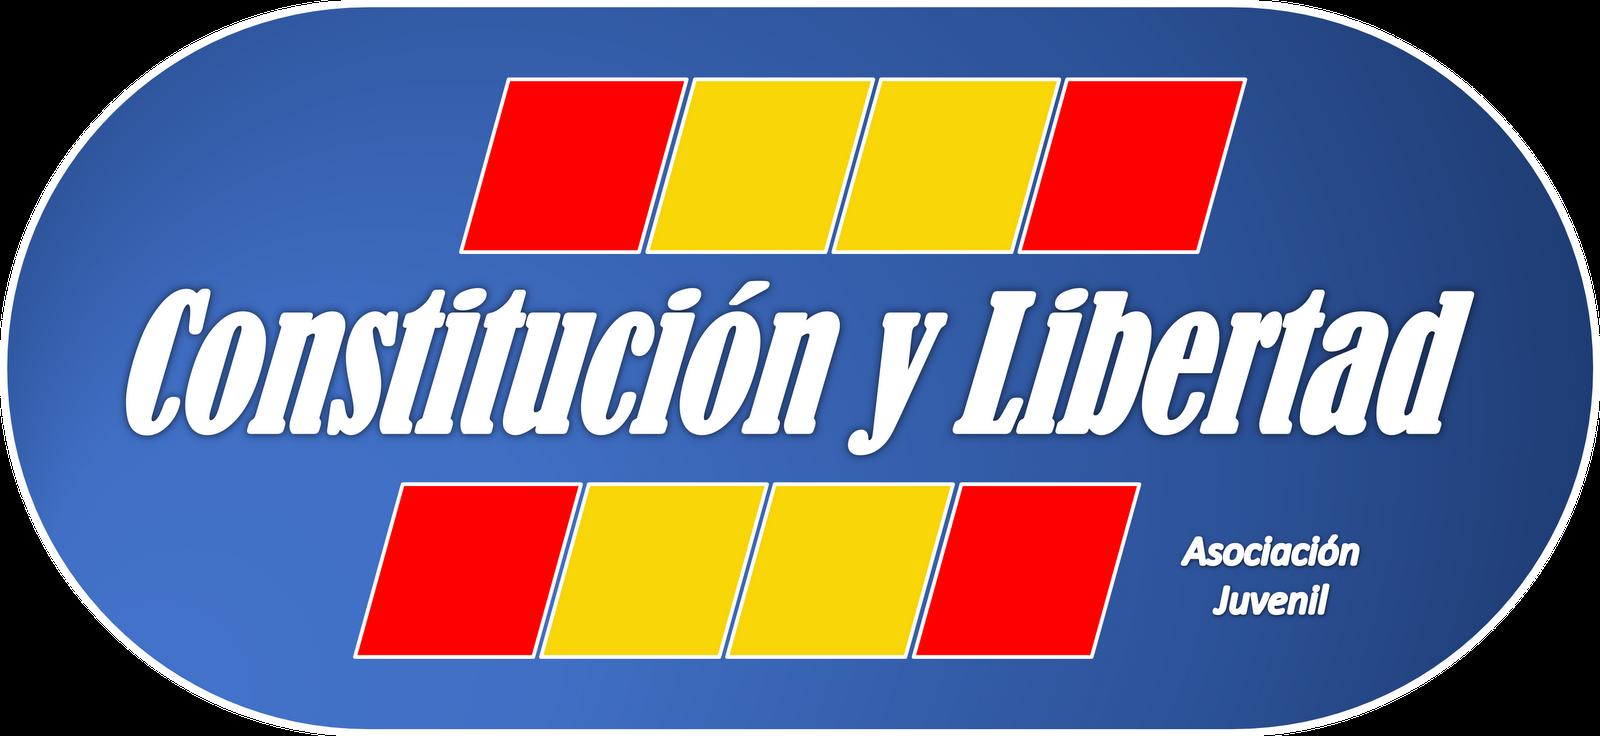 Blog de Constitución y Libertad